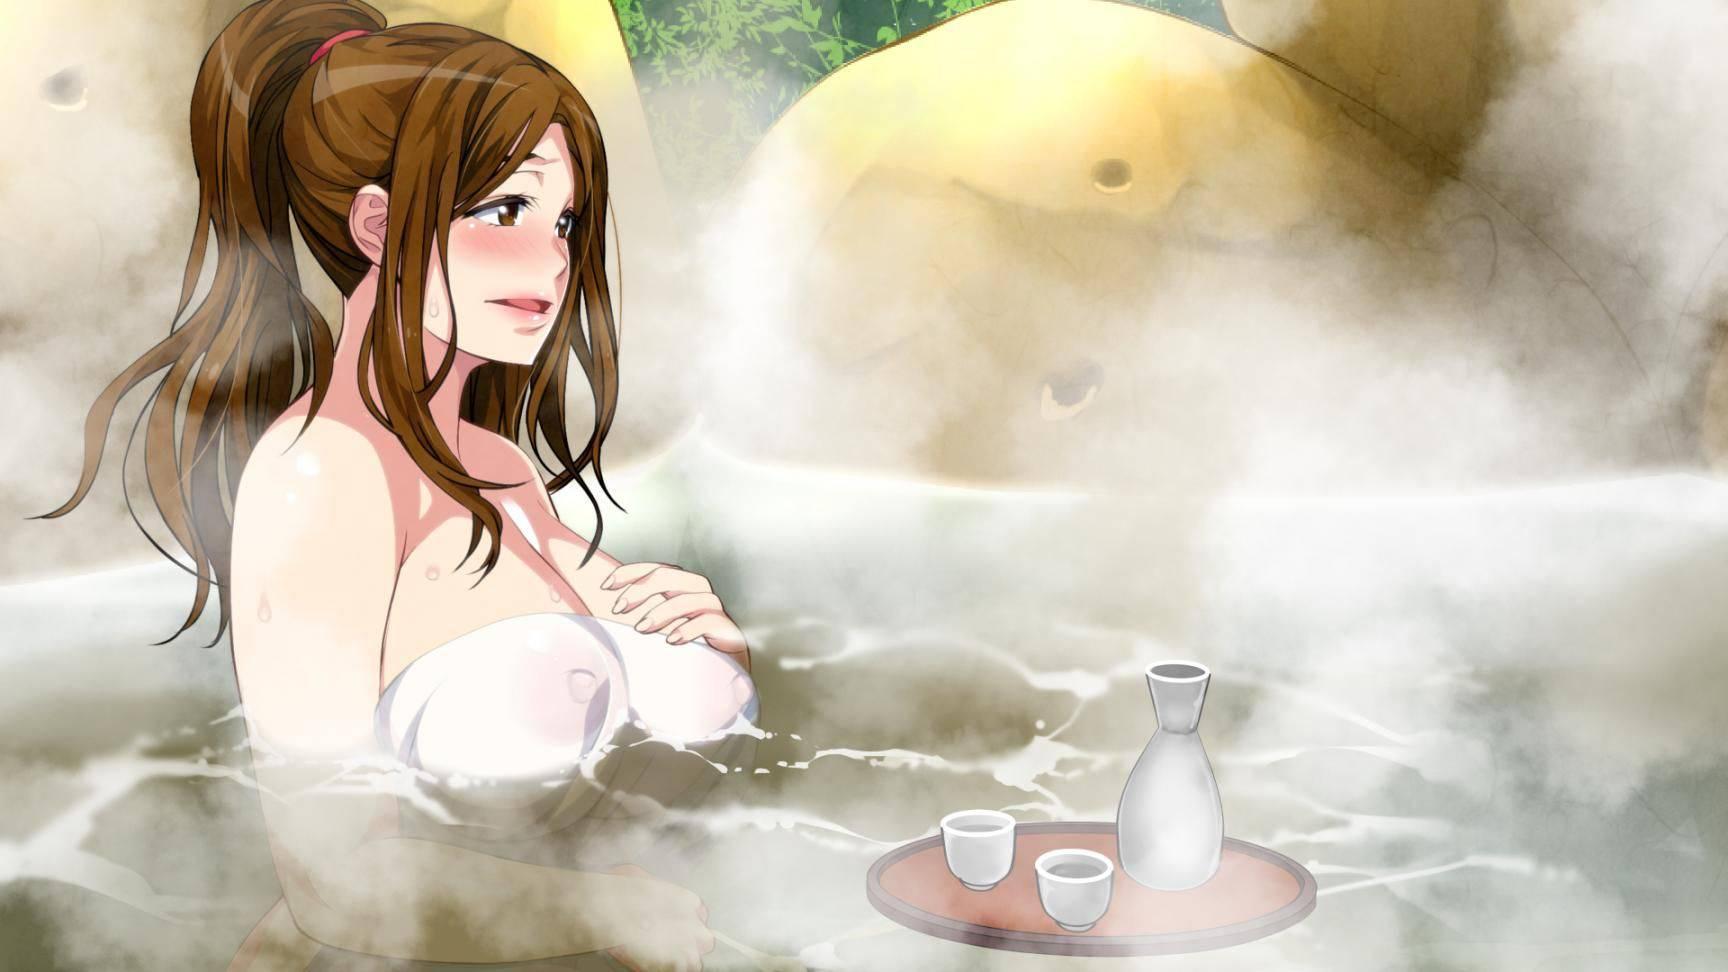 【モヤモヤする】タオルで上手いこと一番見たい部分を隠してる二次お風呂・温泉エロ画像【38】